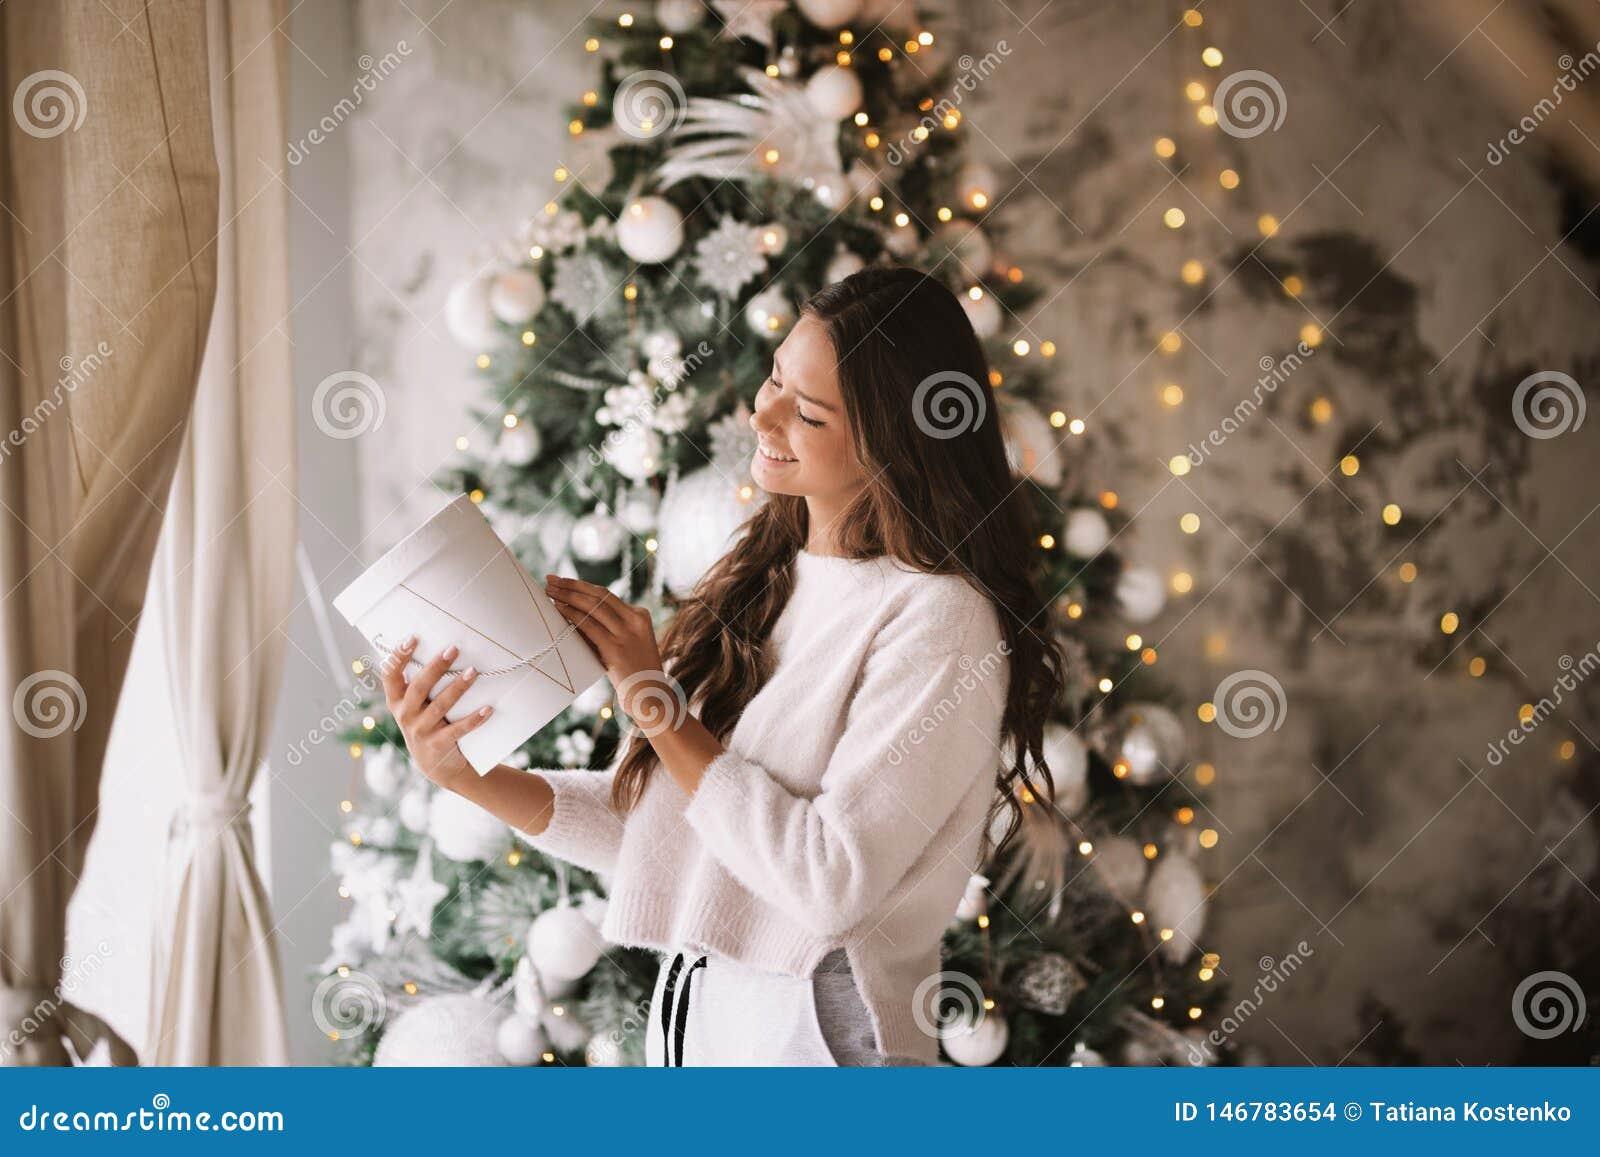 Piękna ciemnowłosa dziewczyna ubierał w białych puloweru i spodń stojakach obok okno na tle Nowy